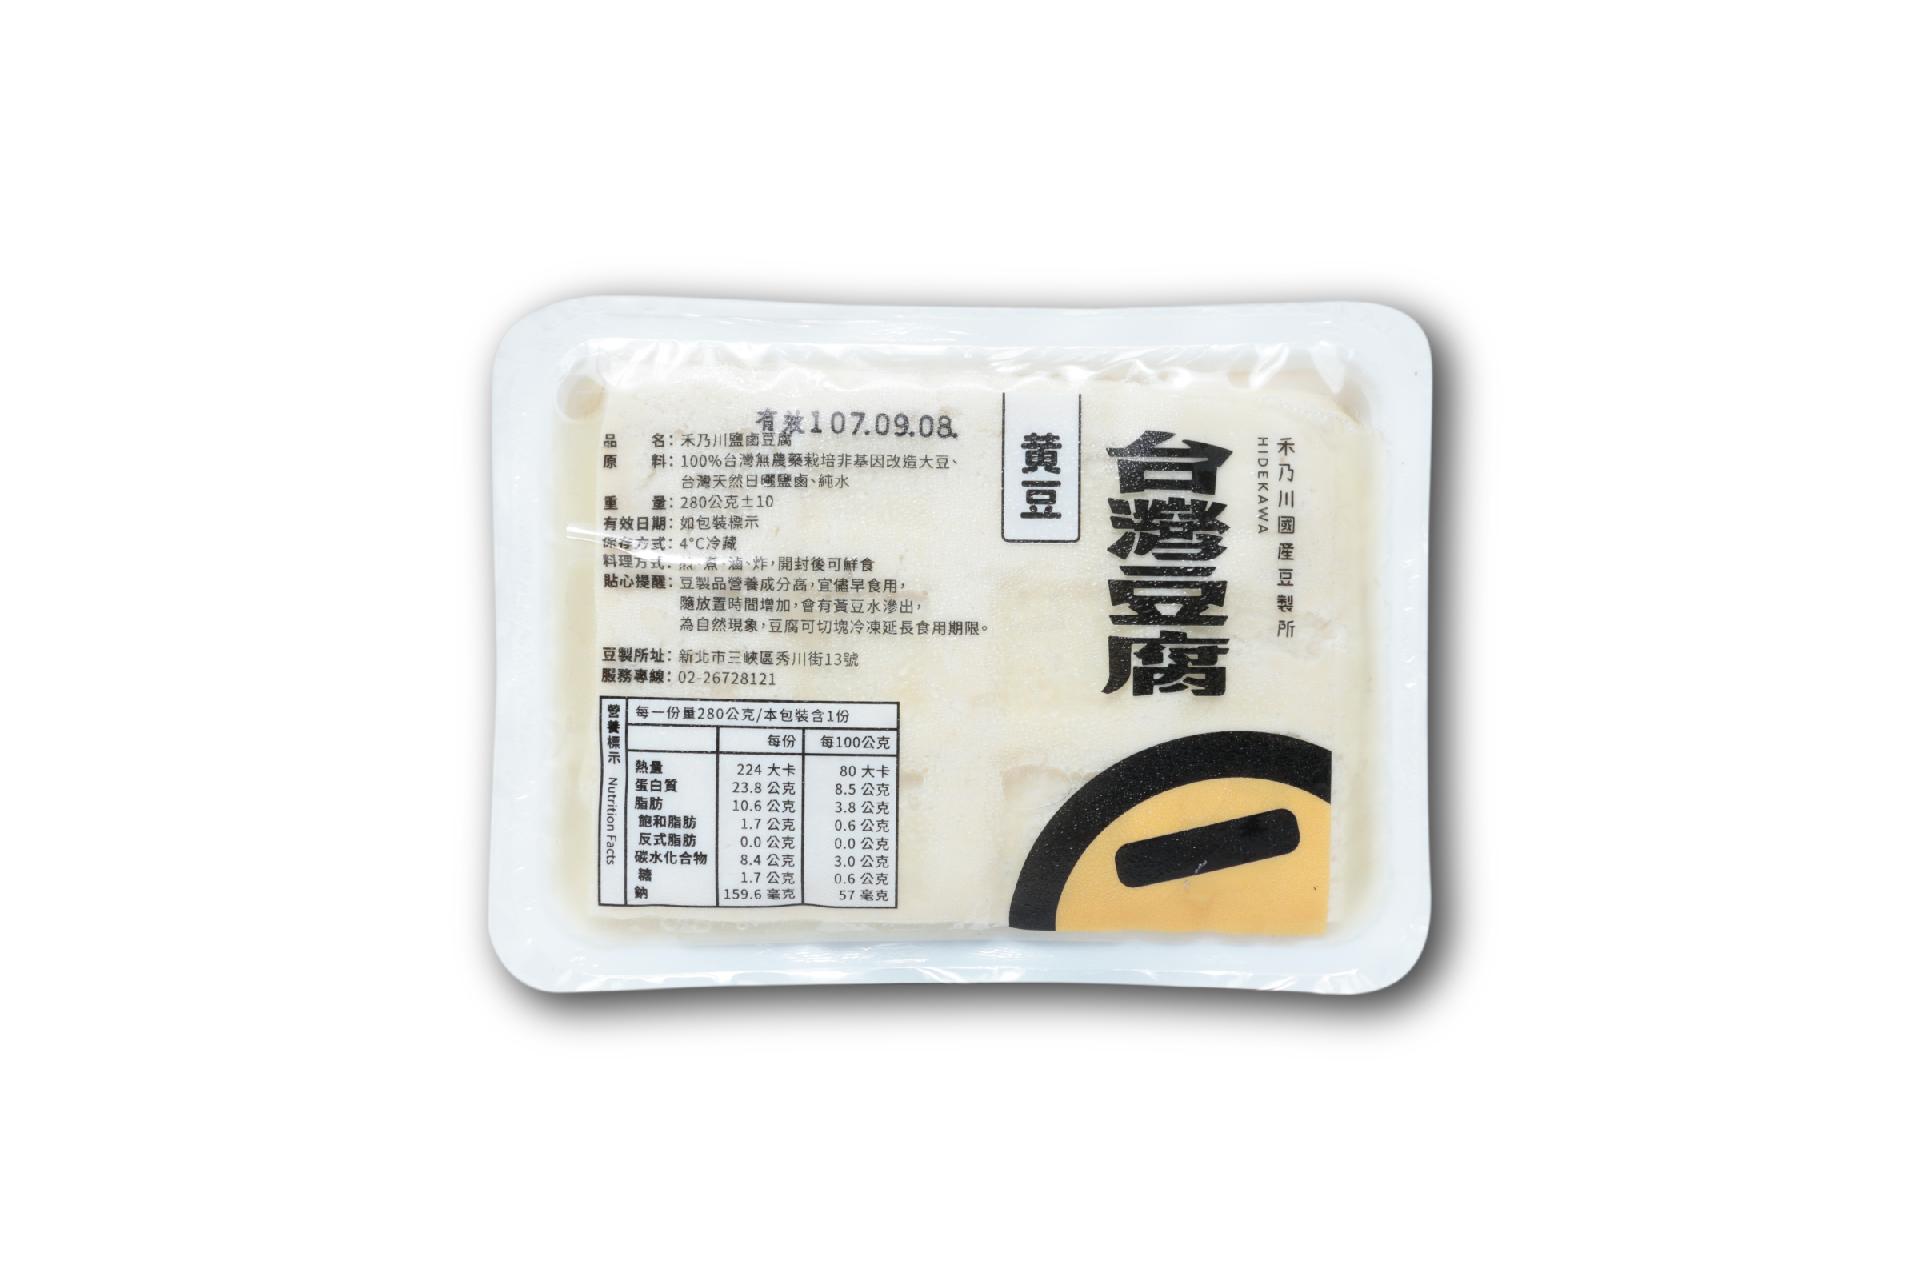 鹽鹵豆腐 - 天然日曬鹽鹵 | 禾乃川國產豆製所 | 改變生命的豆漿店